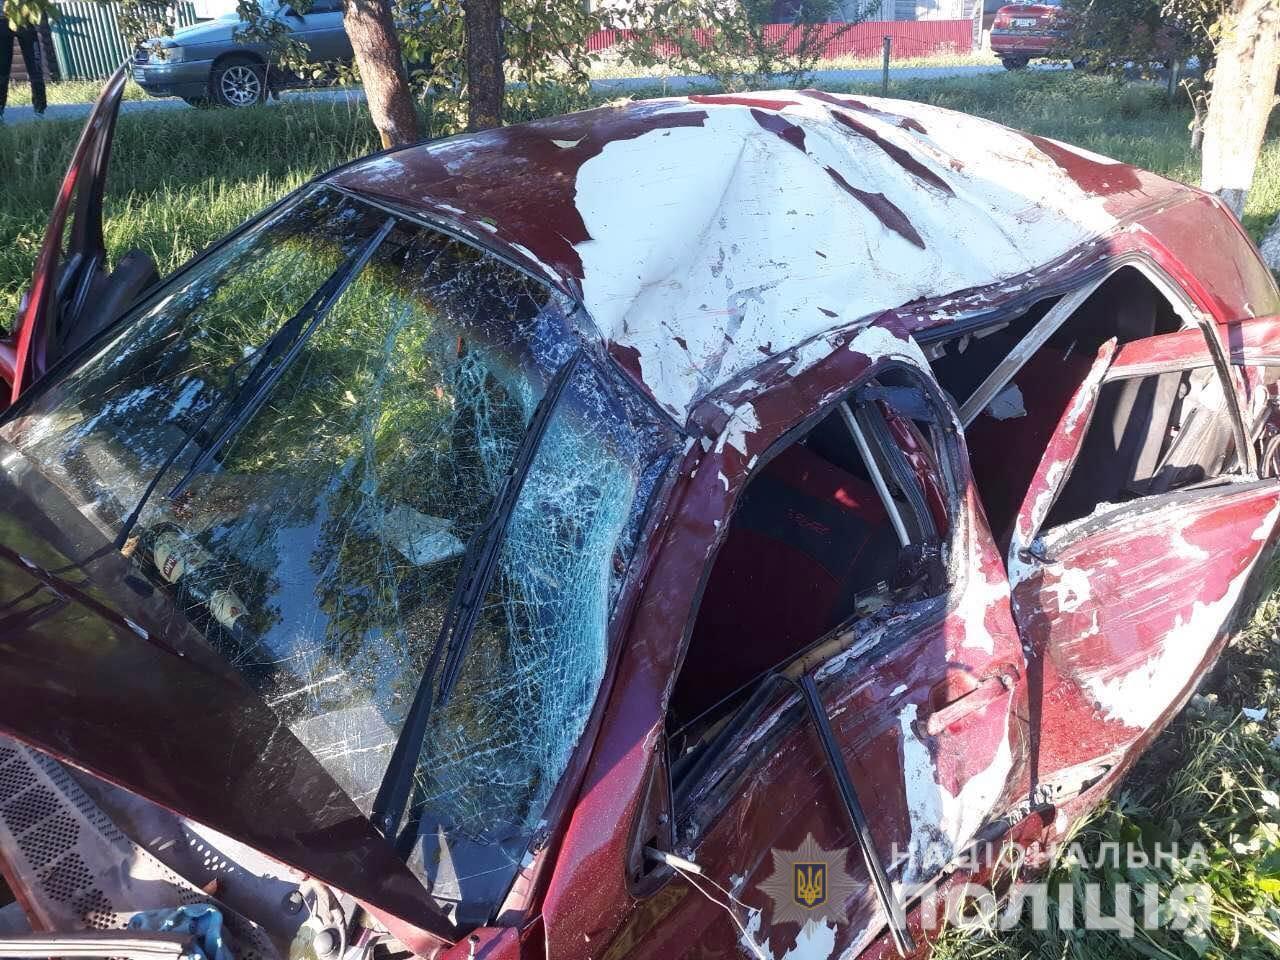 У Лазещині  на Рахівщині Volkswagen вилетів у кювет, де зіткнувся з деревом. Загинули двоє людей (ФОТО)